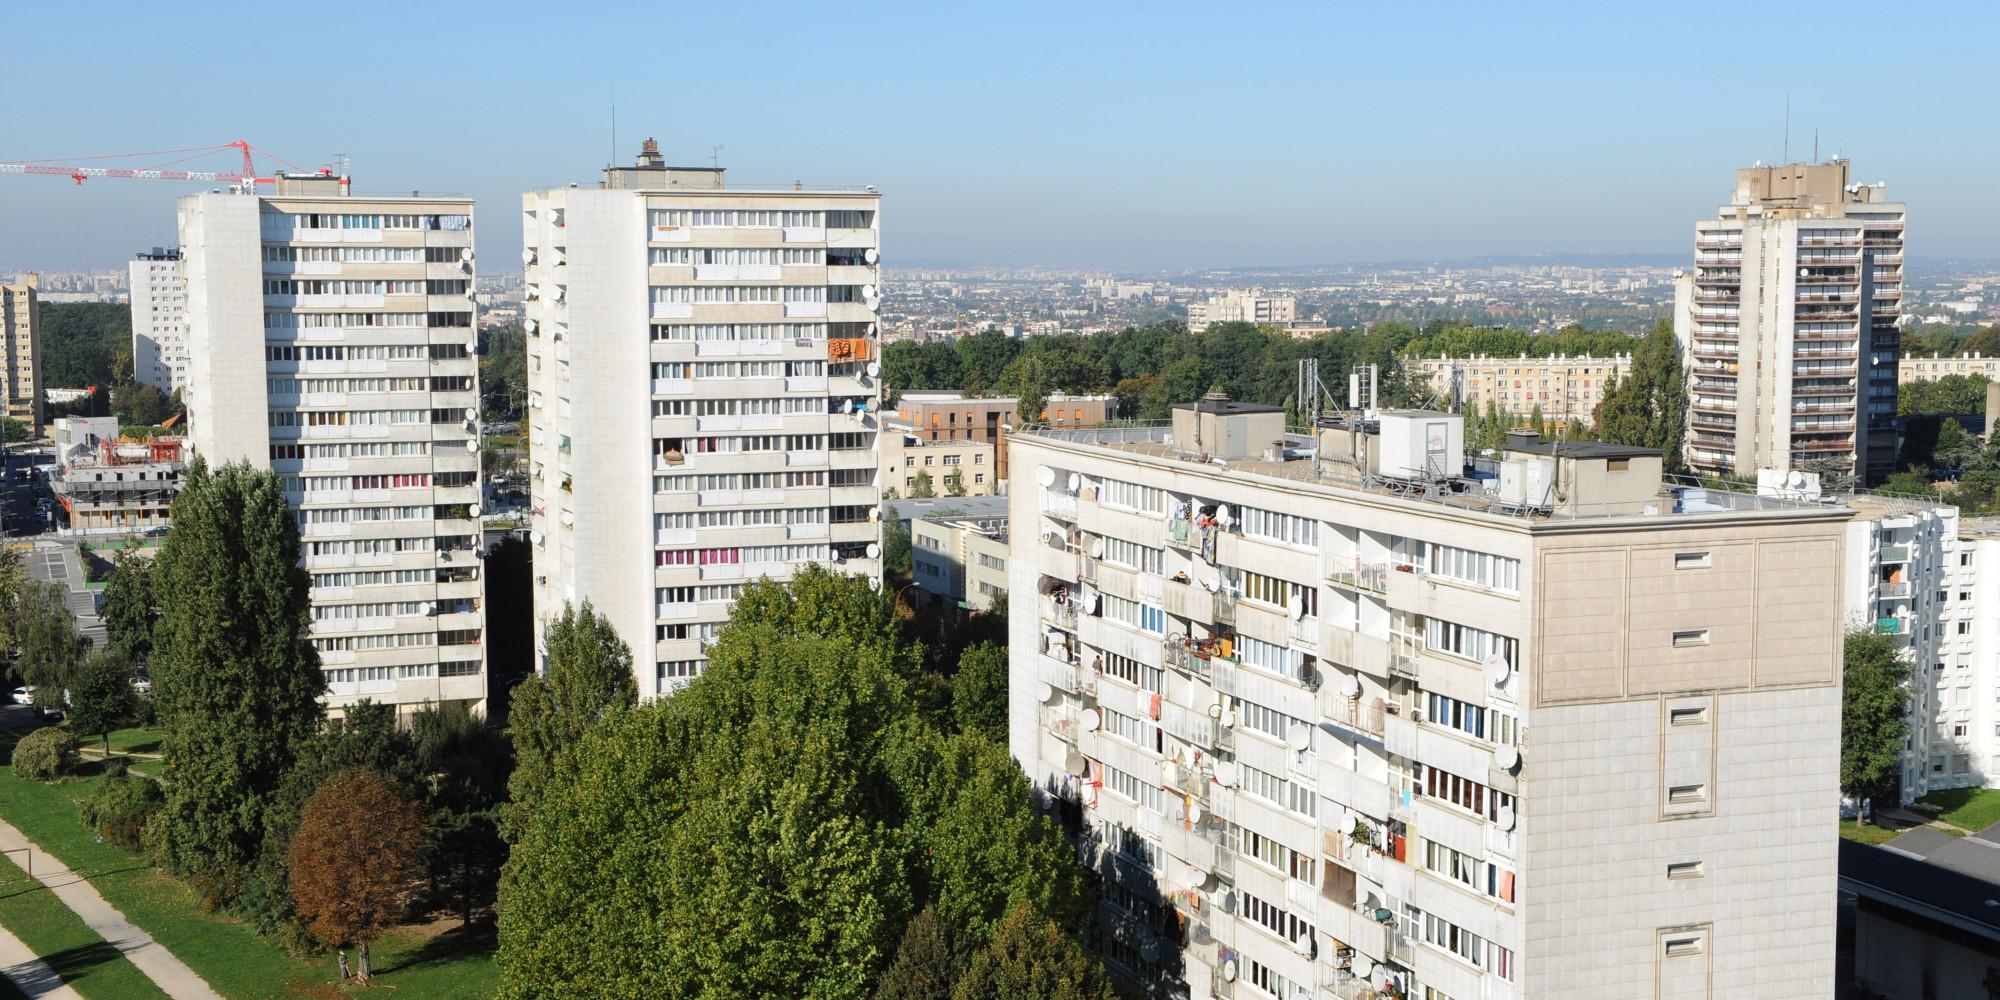 10 ans apr u00e8s, arr u00eatons les fantasmes sur les banlieues! Olivier Klein # La Poste Clichy Sous Bois